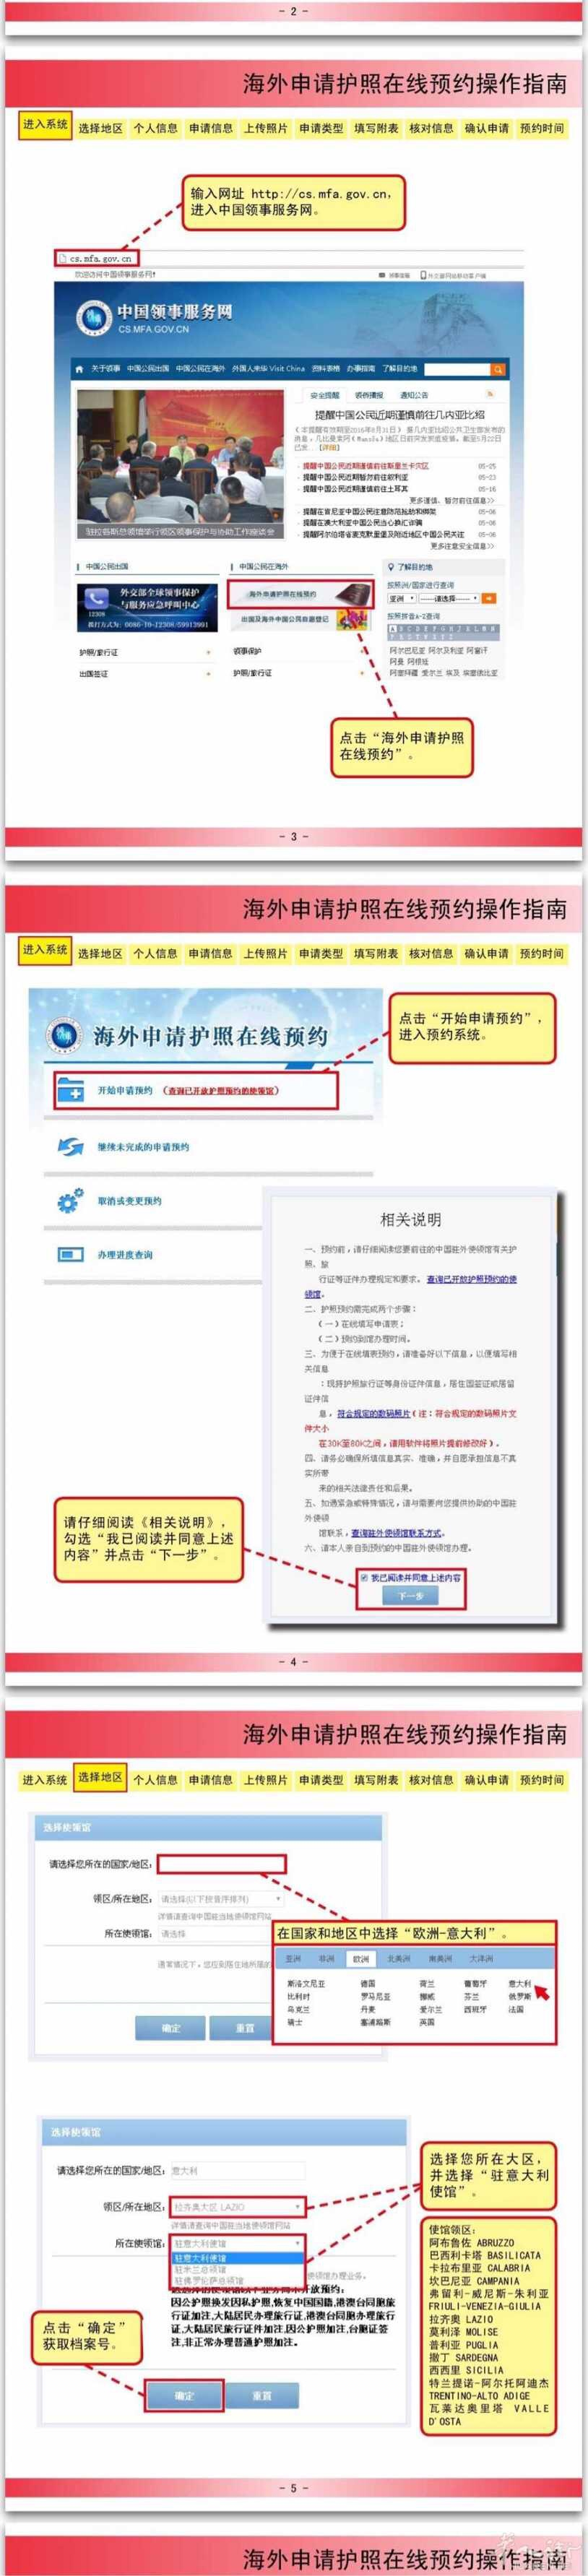 海外申请护照在线预约操作指南[2019年更新版]